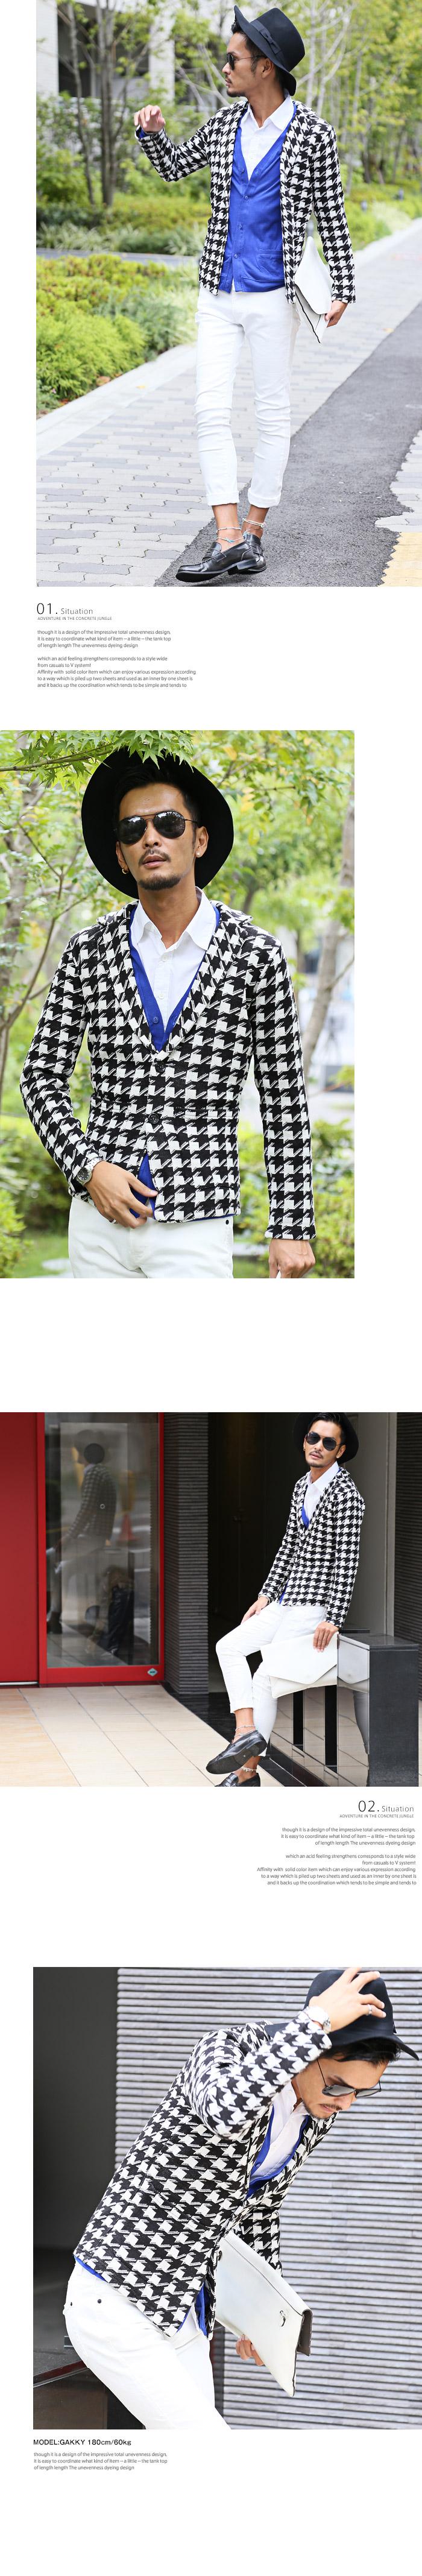 お兄系 メンズ ジャケット 千鳥 千鳥格子 チドリ ウインドペン チェック ニット ビター系 BITTER セレカジ カーデ ファッション 服 イメージ